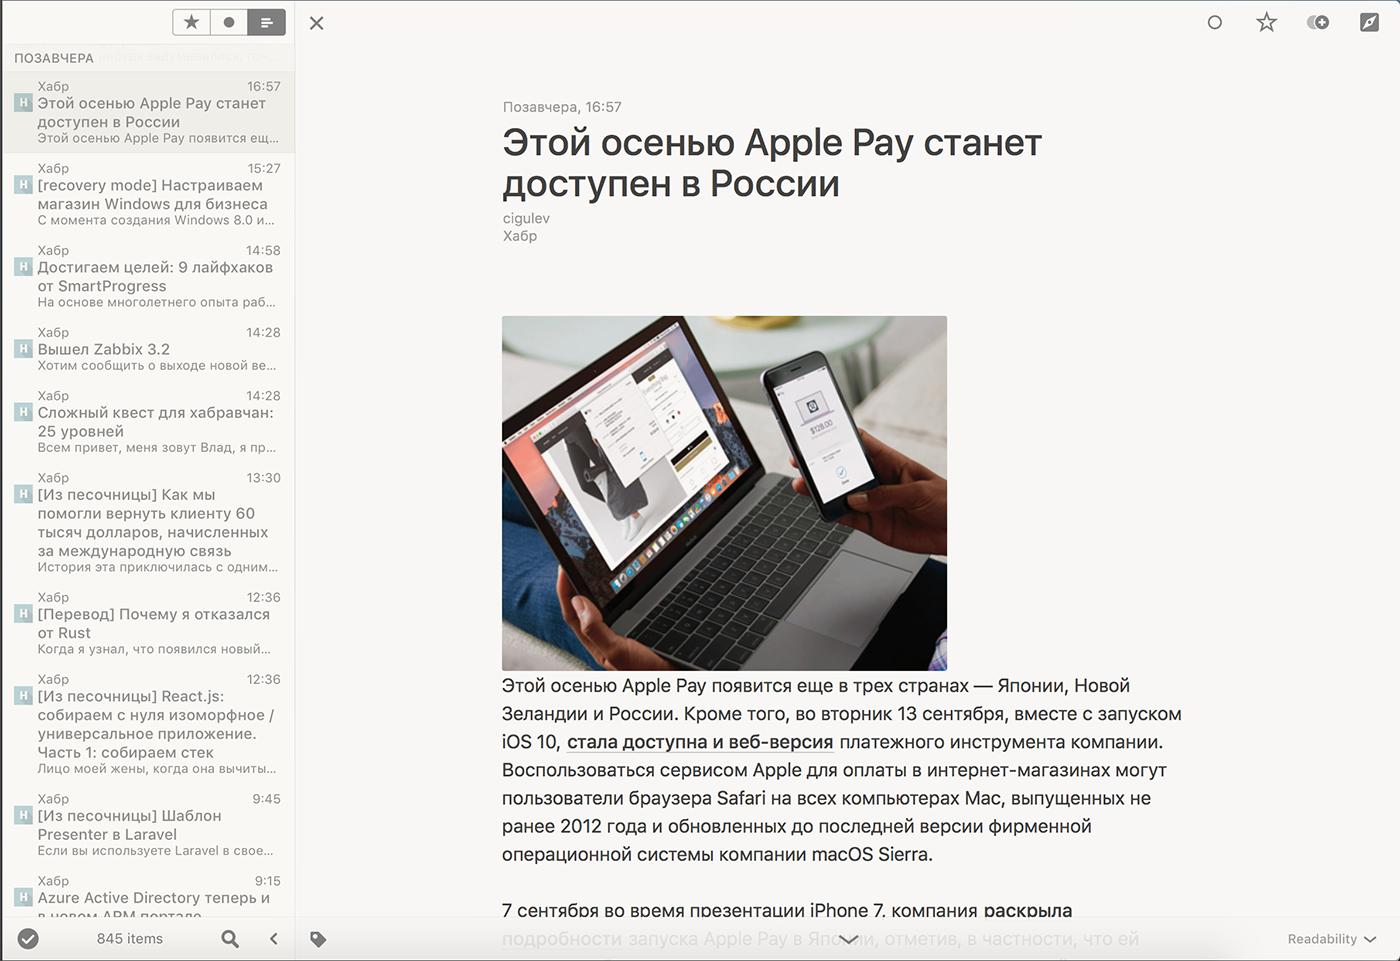 как читать RSS ленту на macOS